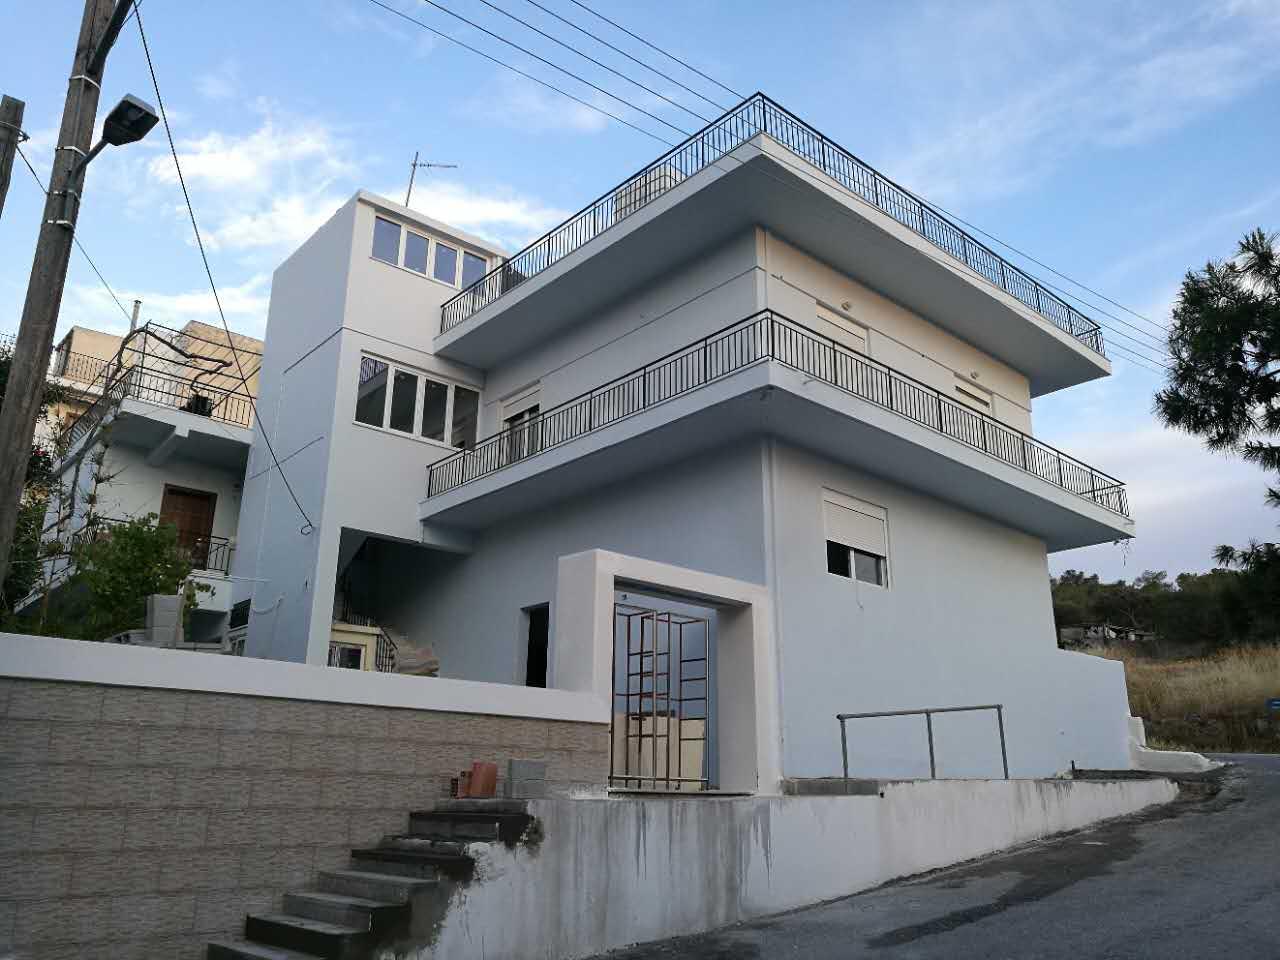 希腊雅典瓦里小户型独栋公寓12.5万欧起